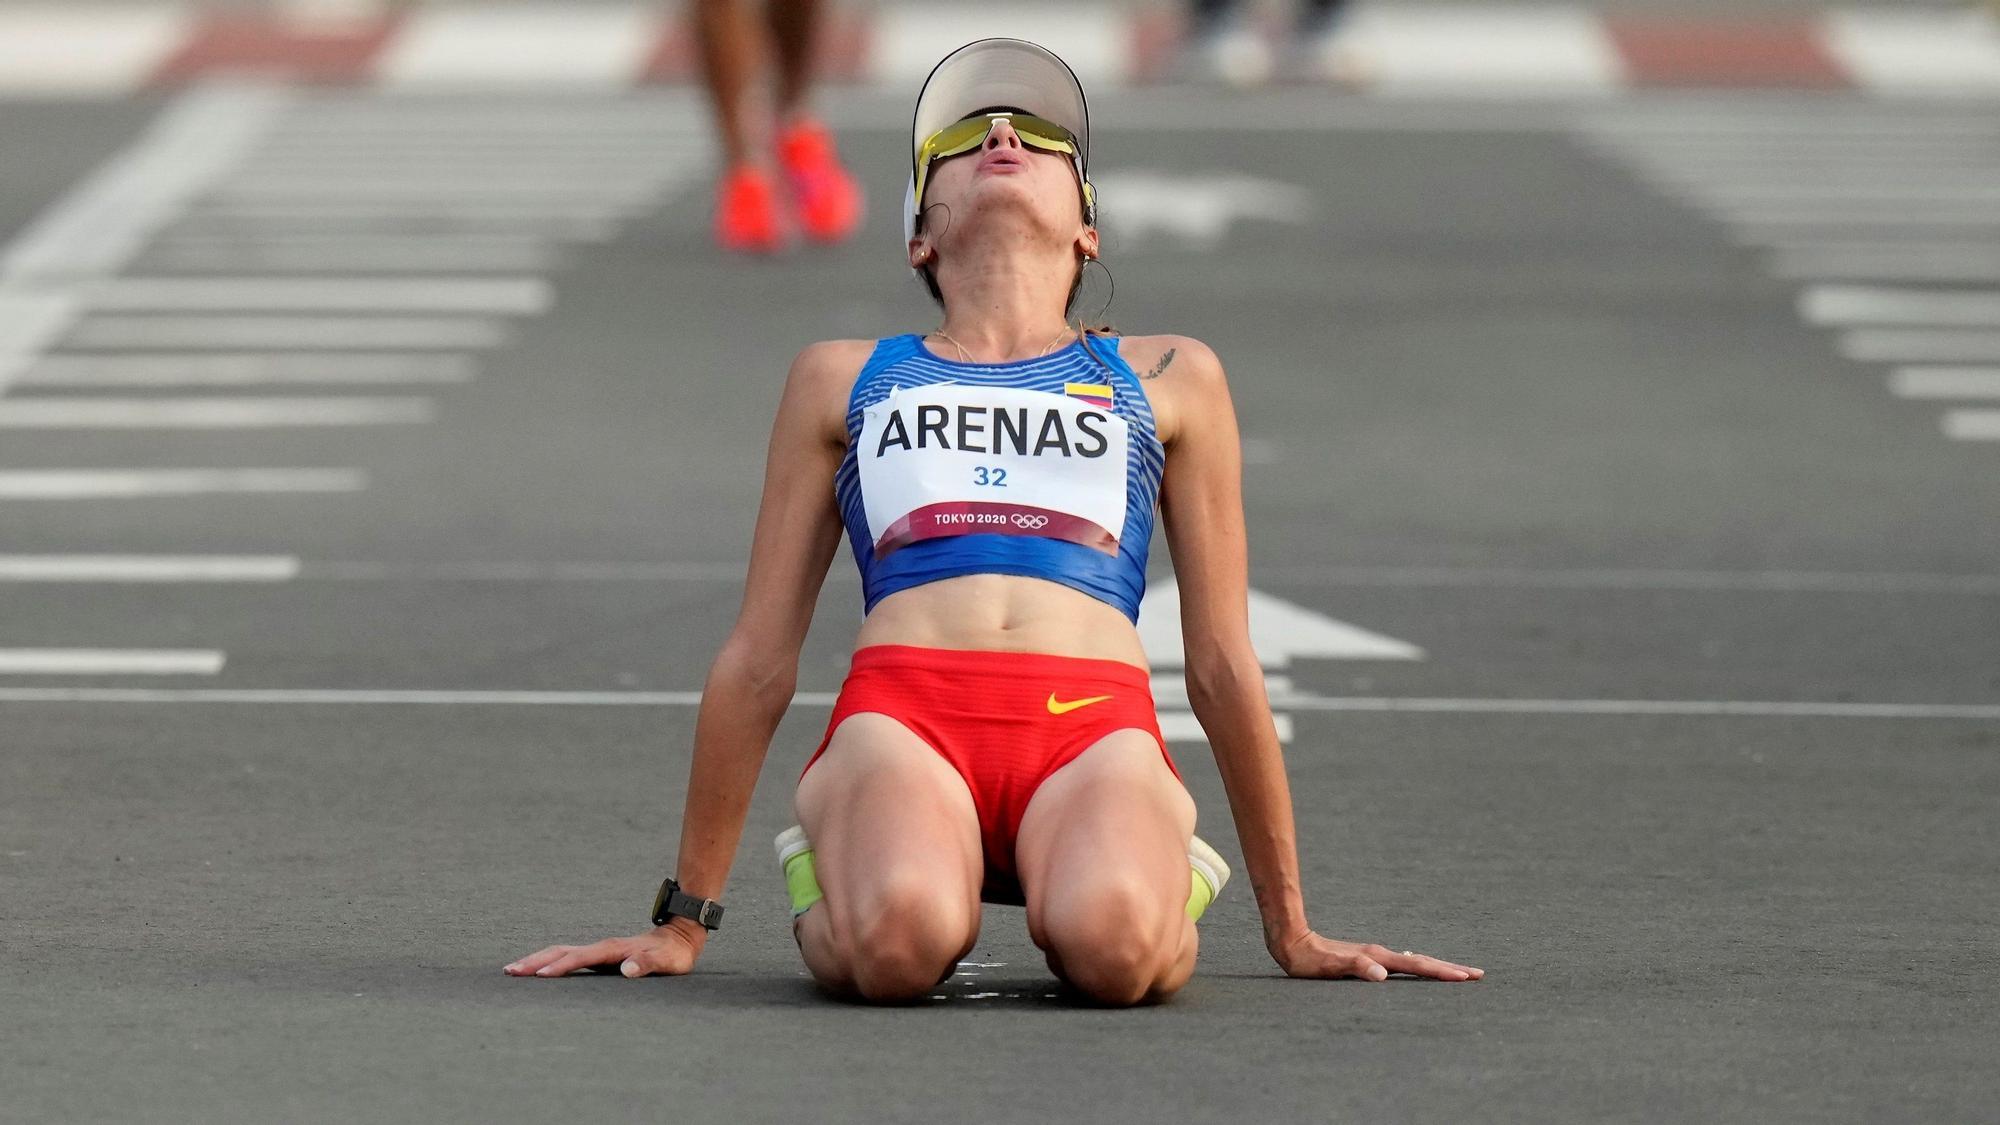 Las imágenes más curiosas del 6 de agosto en los Juegos Olímpicos